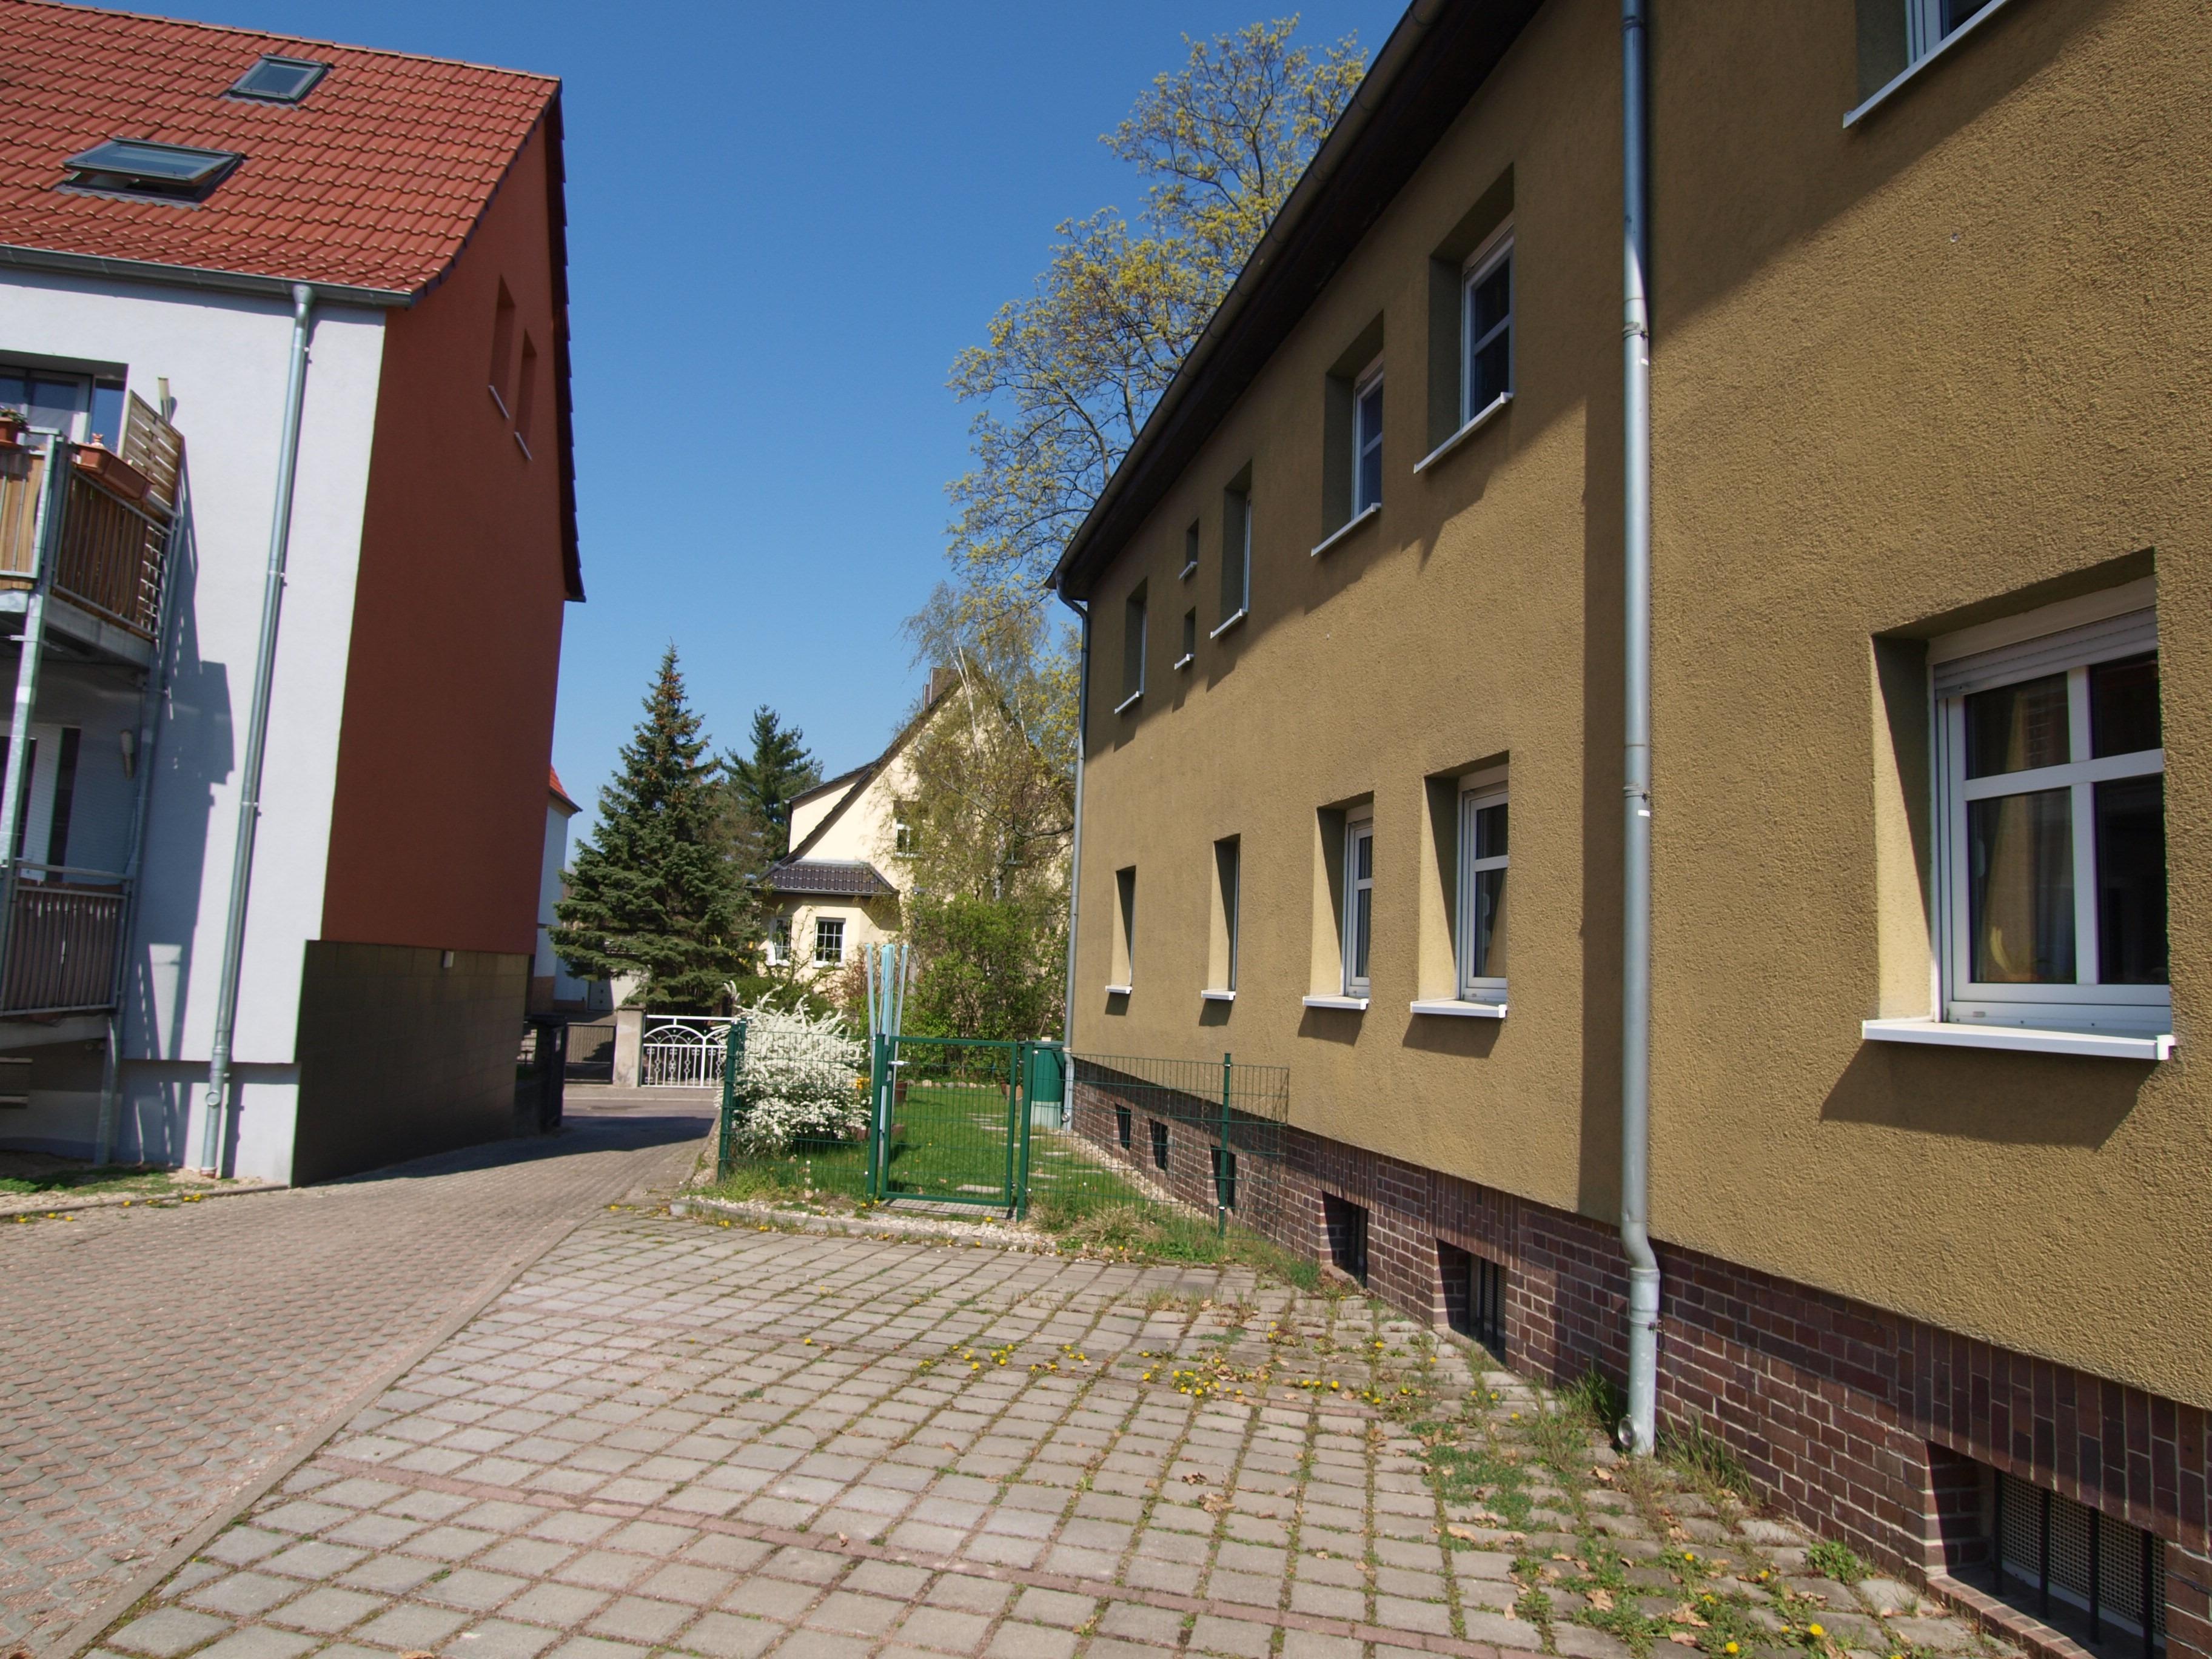 Eigentumswohnung Halle - der zweite Stellplatz von vorne gehört zur Wohnung